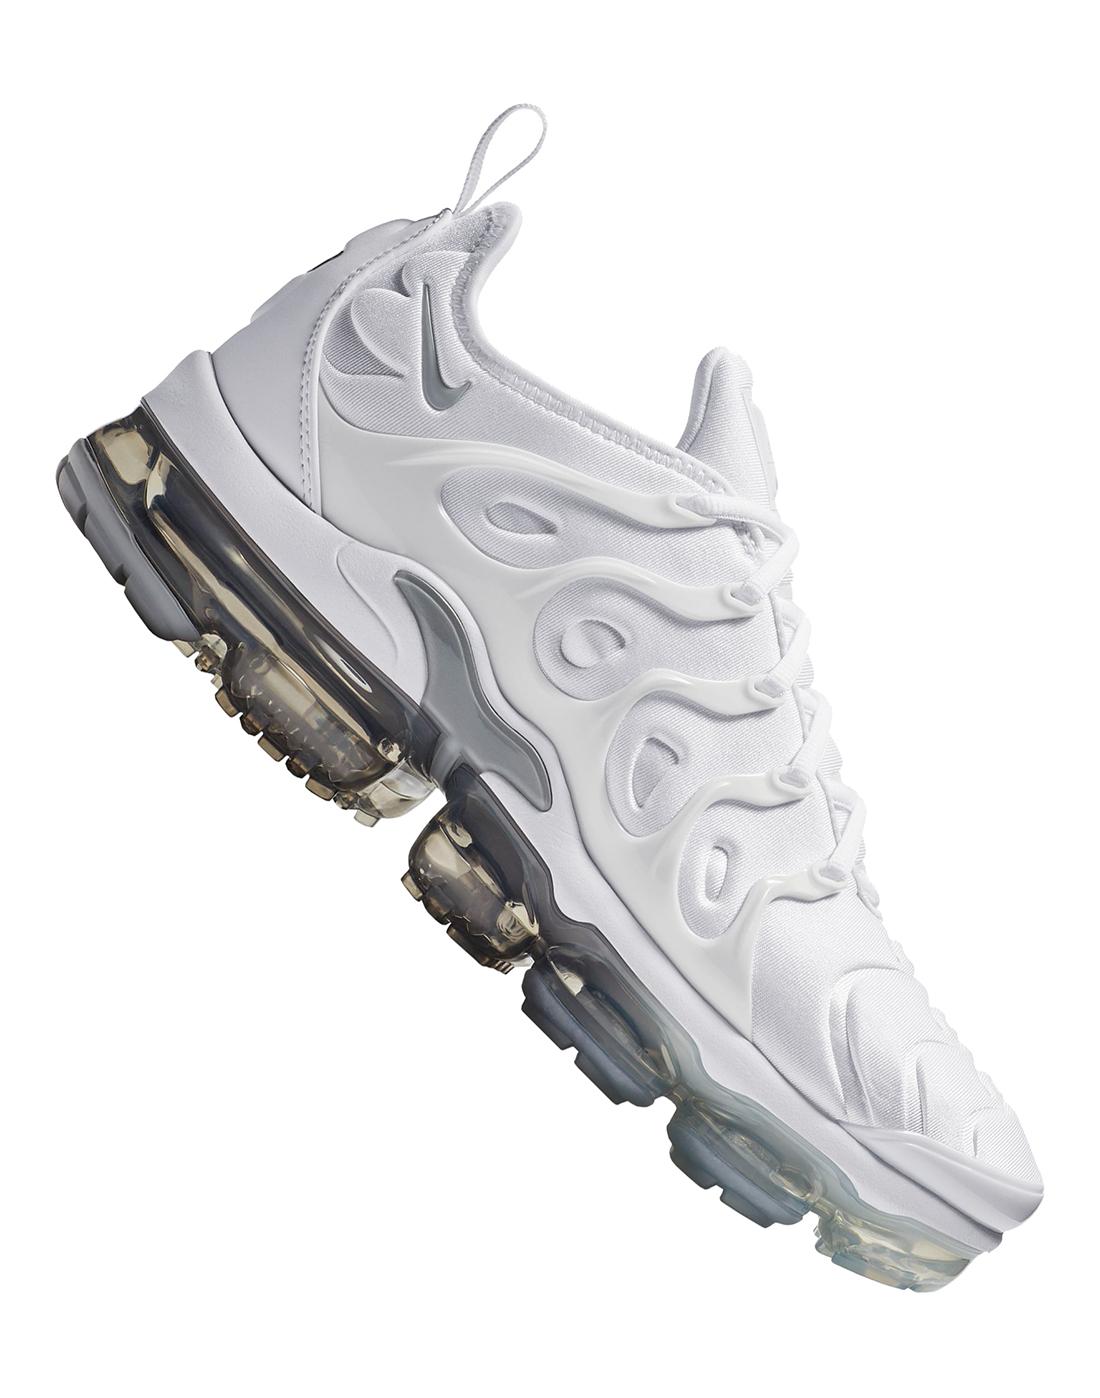 595daa4f594b7e Men s White Nike Air VaporMax Plus